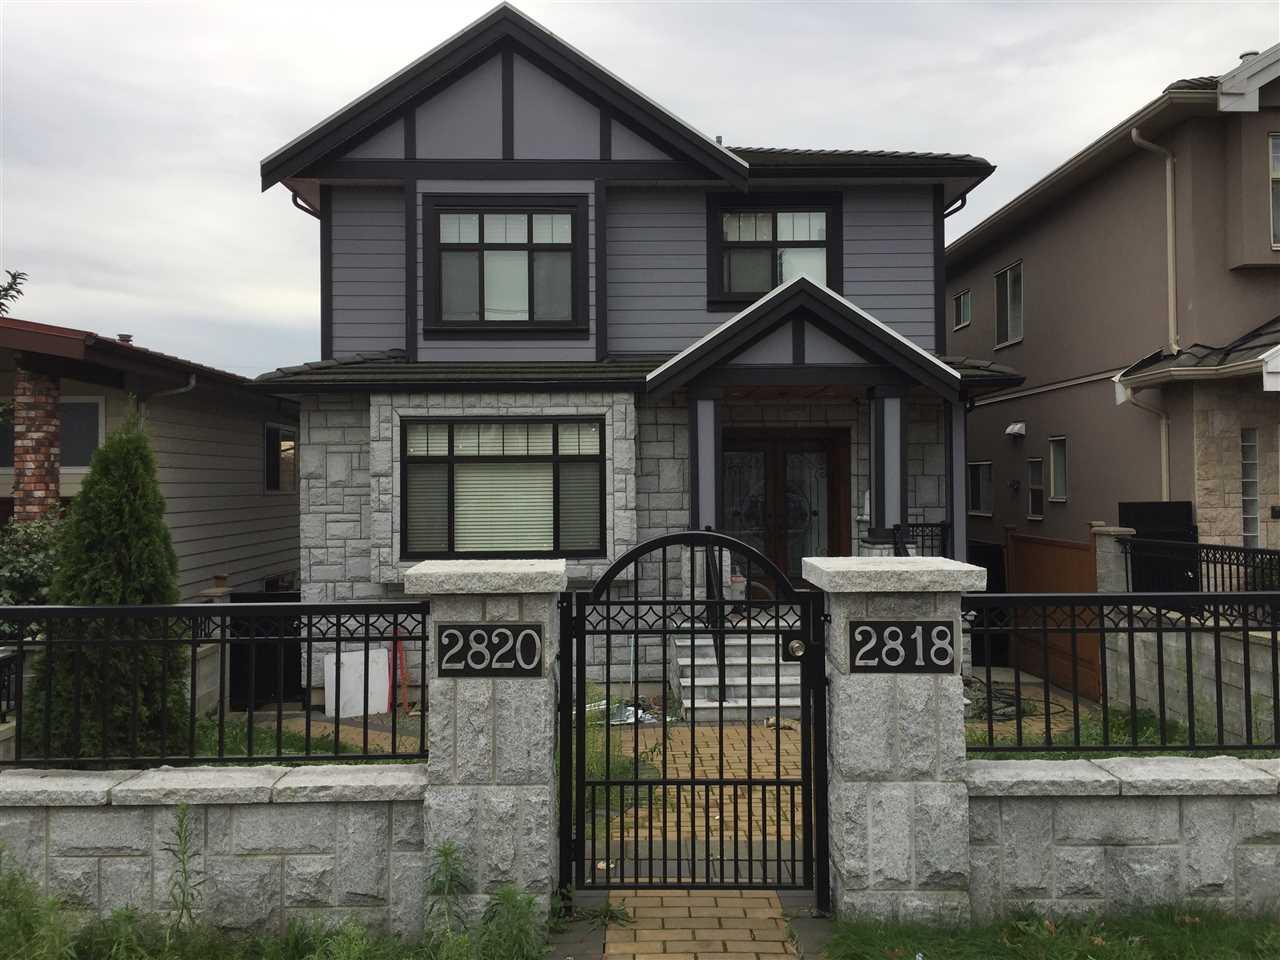 2820 E BROADWAY, Vancouver